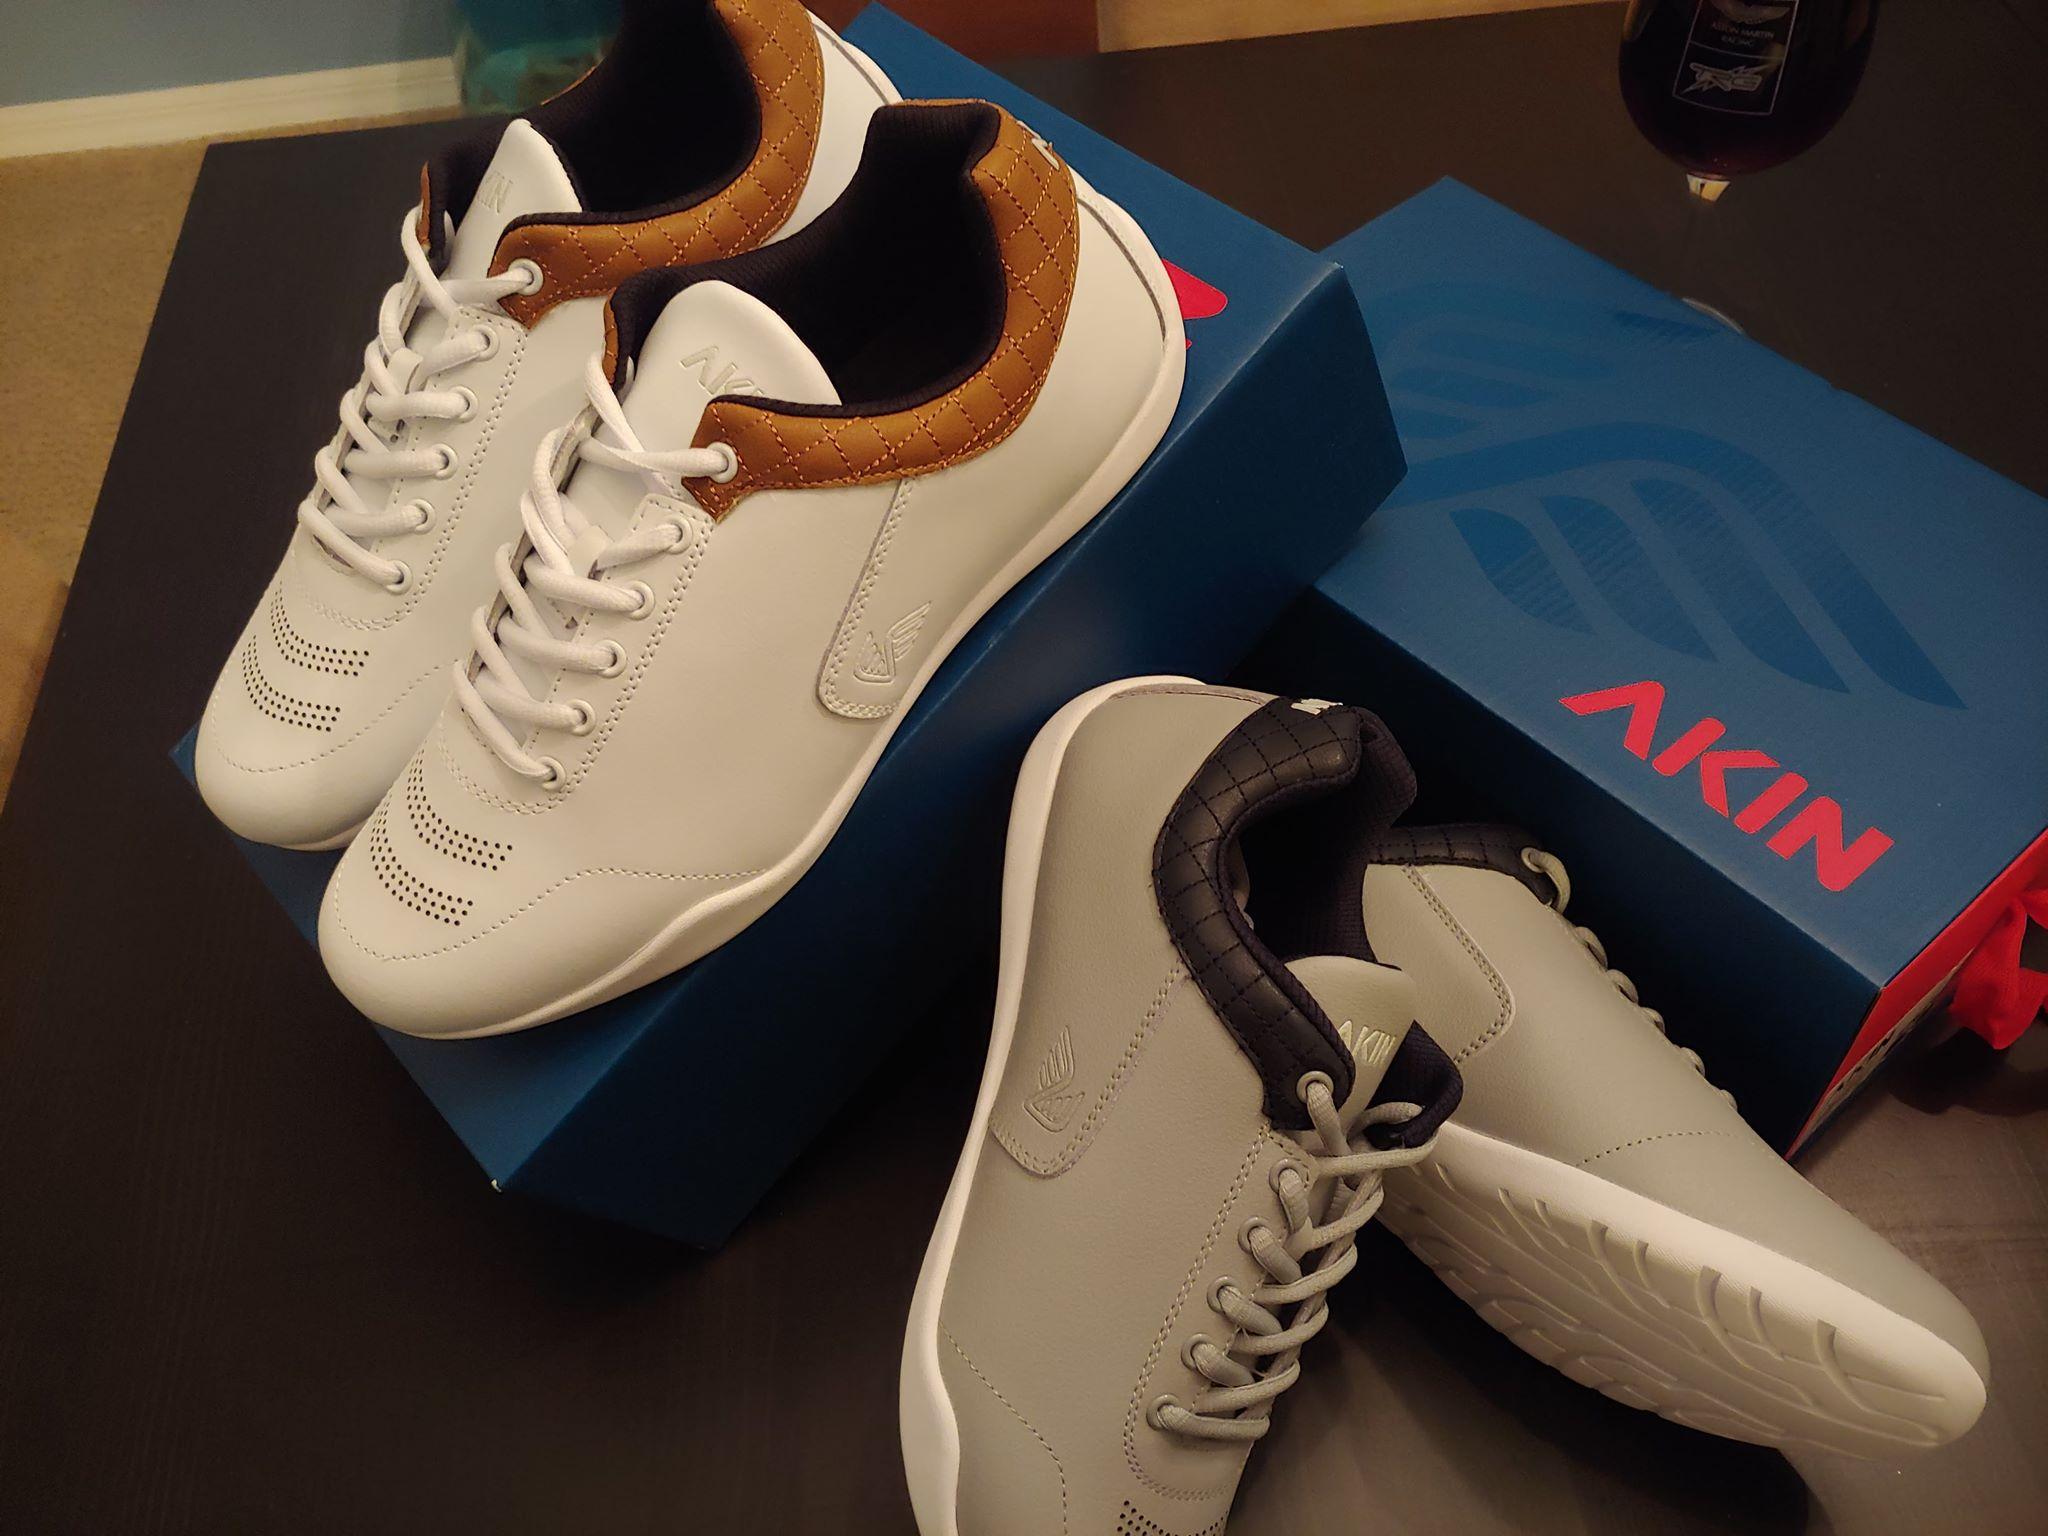 AKIN Gear SHIFT Driving Sneakers unboxing.jpg